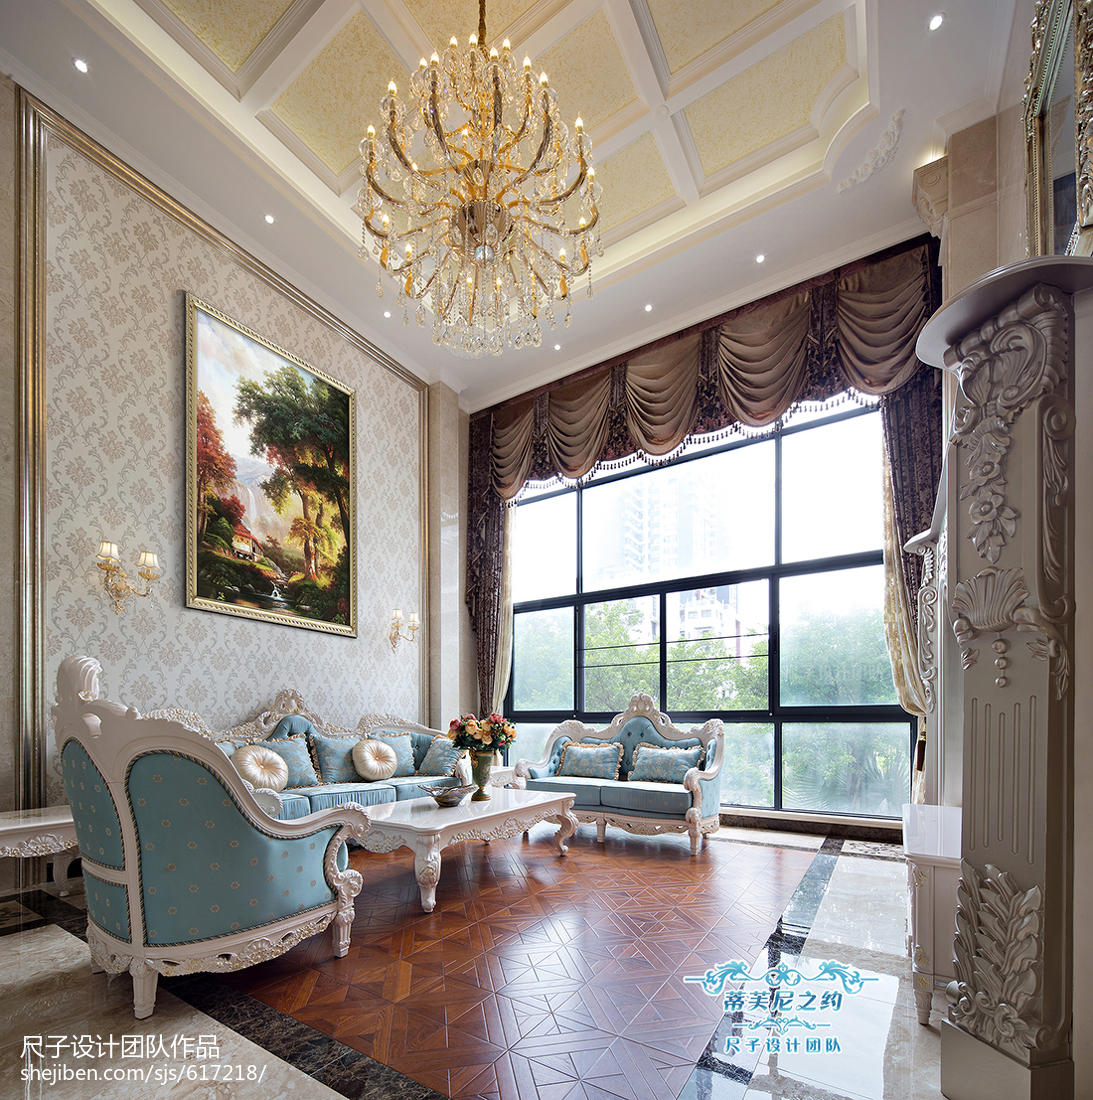 无窗厨房装修效果图_复式楼欧式客厅落地窗装修设计 – 设计本装修效果图